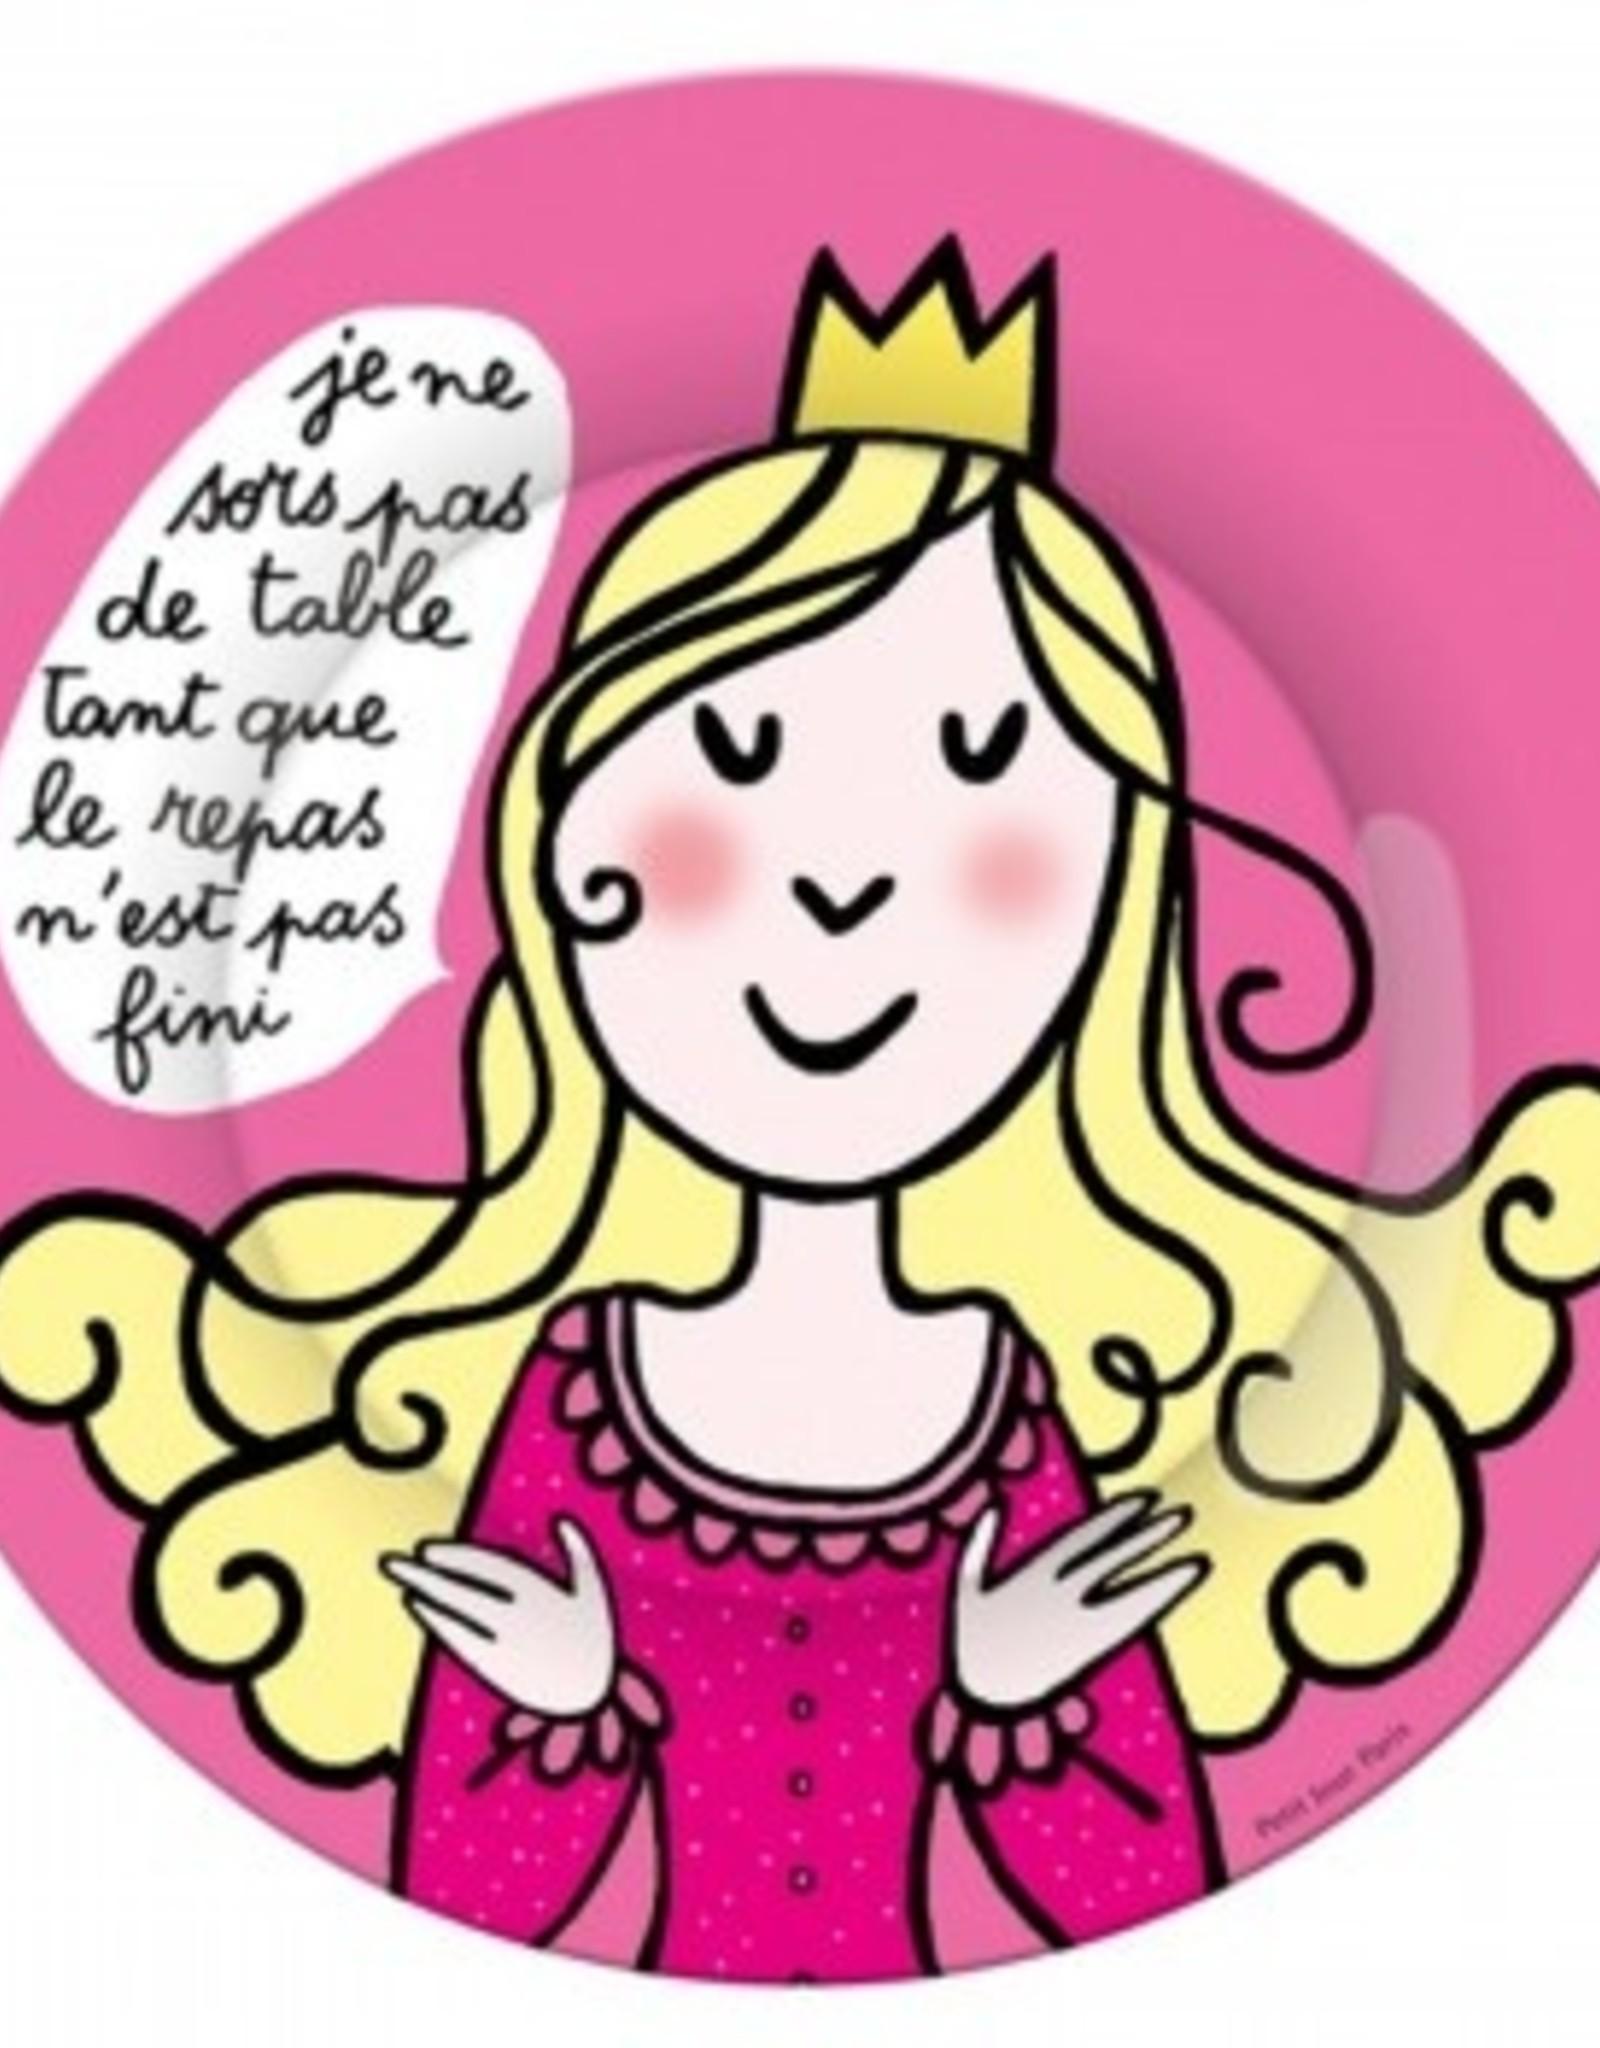 Petit Jour Paris Assiette F je ne sors pas de table